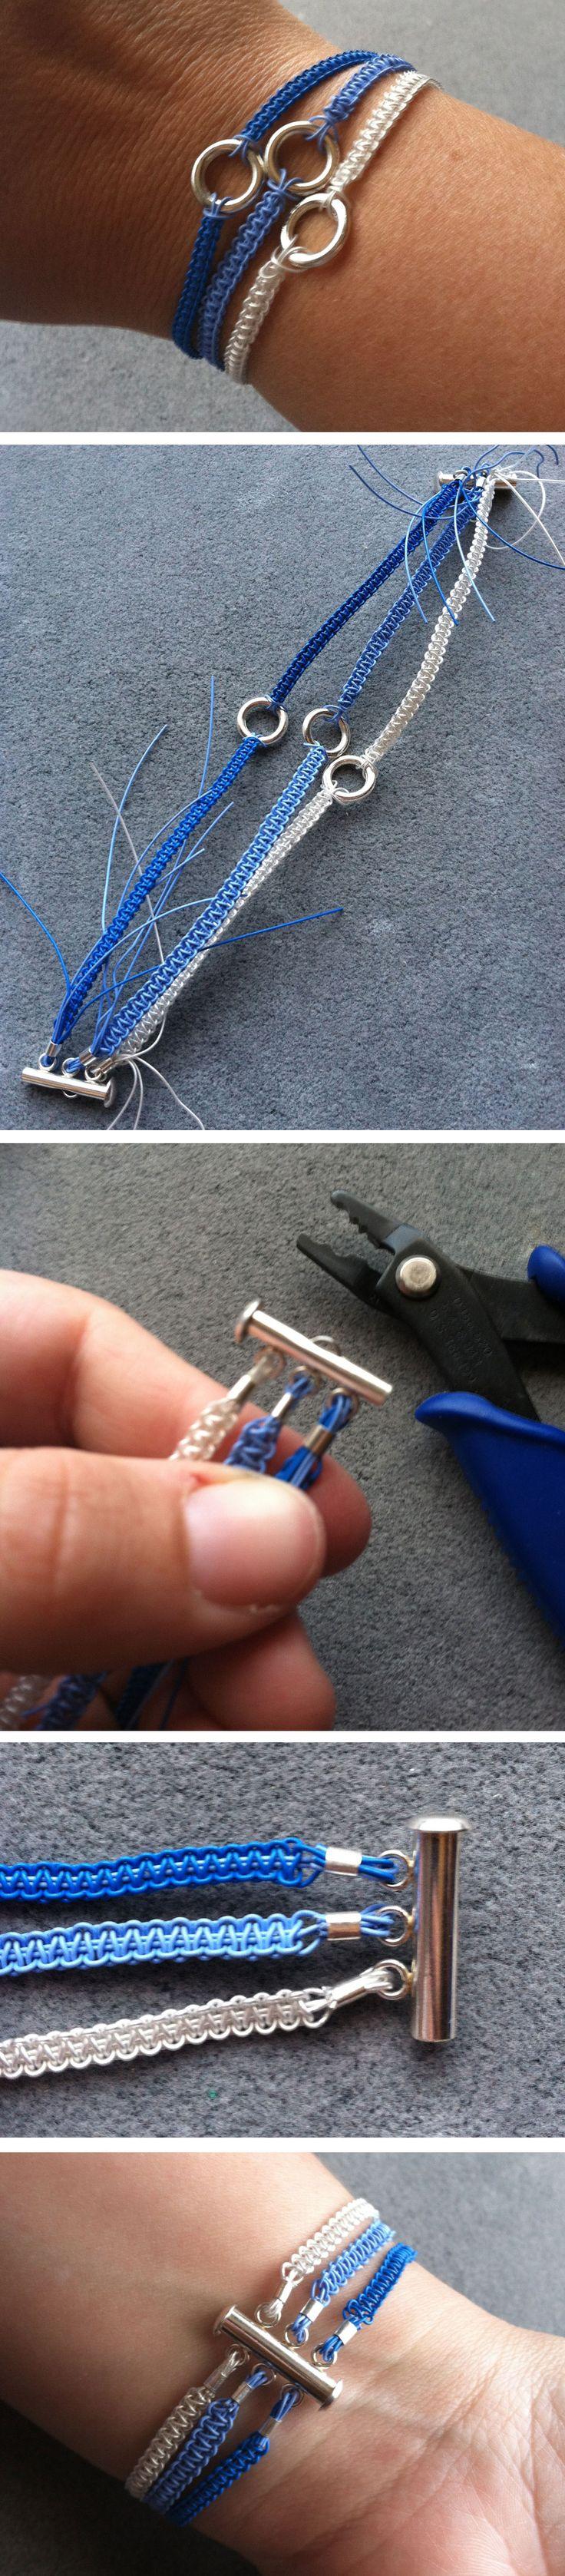 http://media-cache-ec4.pinimg.com/originals/60/9c/1a/609c1a02fa3fe7a51fe136d16da7c294.jpg  DIY Soft Flex Wire Macrame 3 Strand Bracelet - Tutorial ❥ 4U // hf